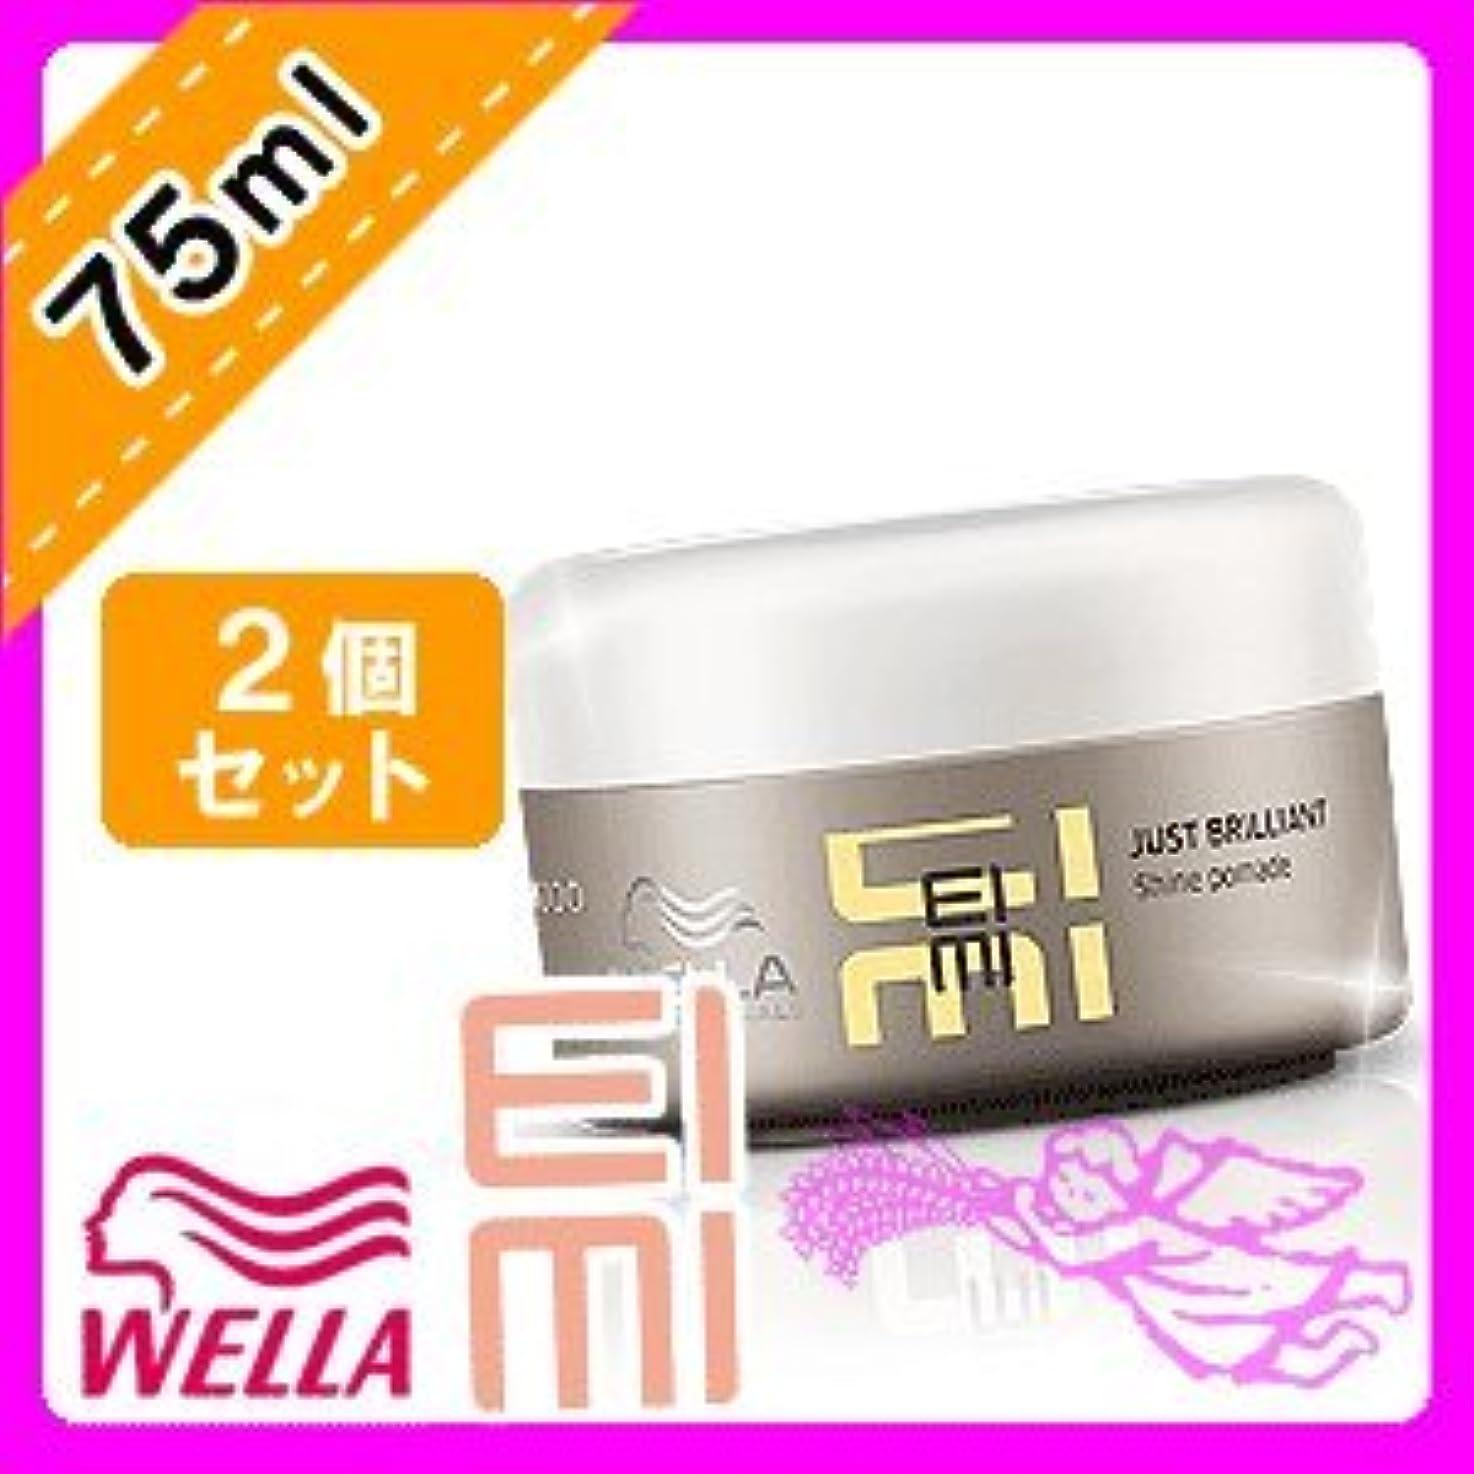 緊張する露ピカリングウエラ EIMI(アイミィ) ジャストブリリアントクリーム 75ml ×2個 セット WELLA P&G